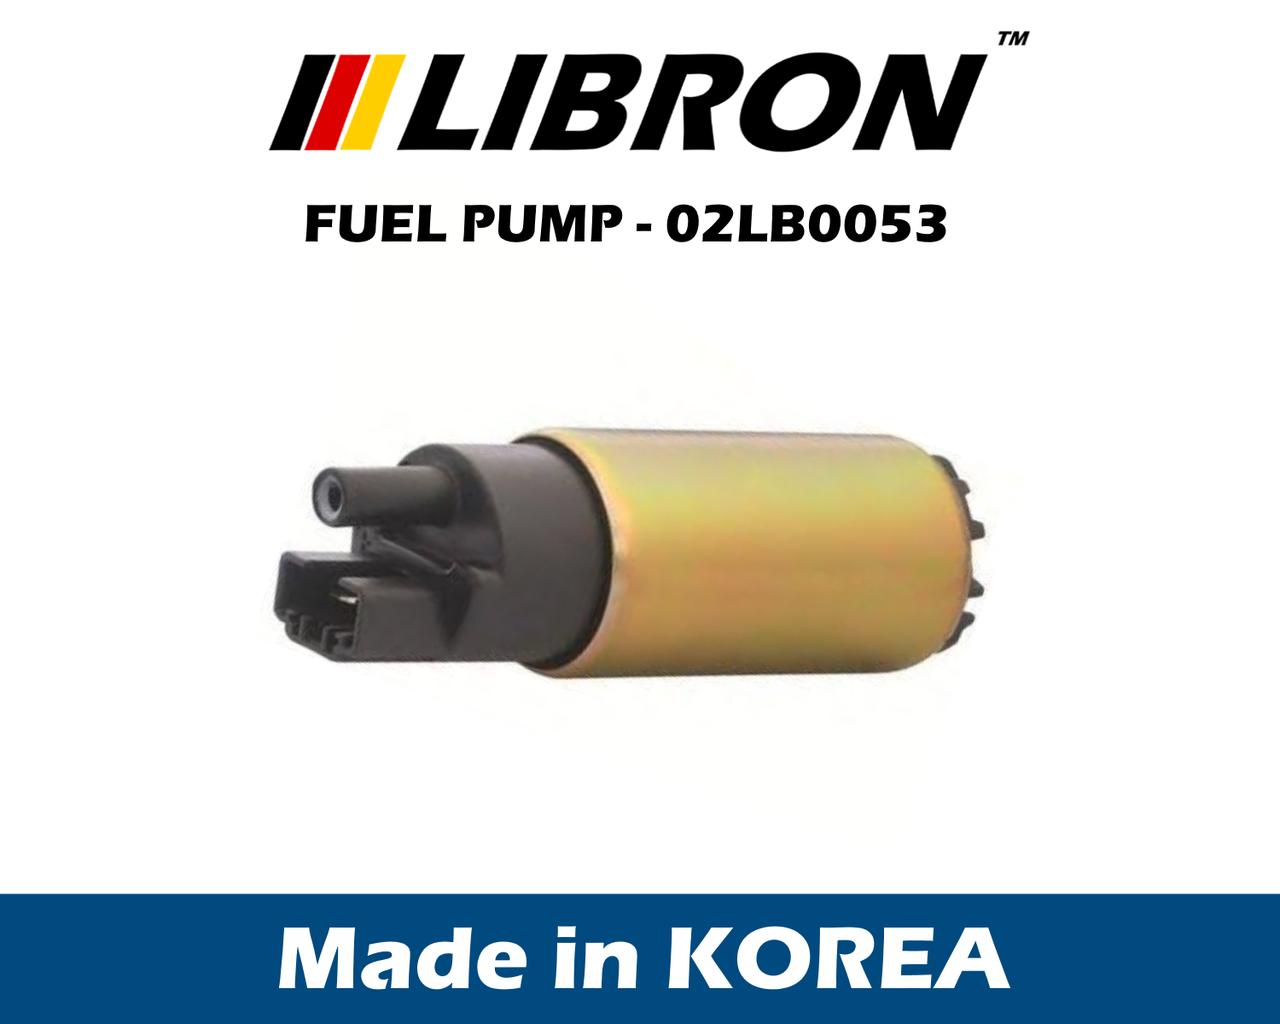 Топливный насос LIBRON 02LB0053 - ВАЗ PRIORA Приора 2170 2171 2172